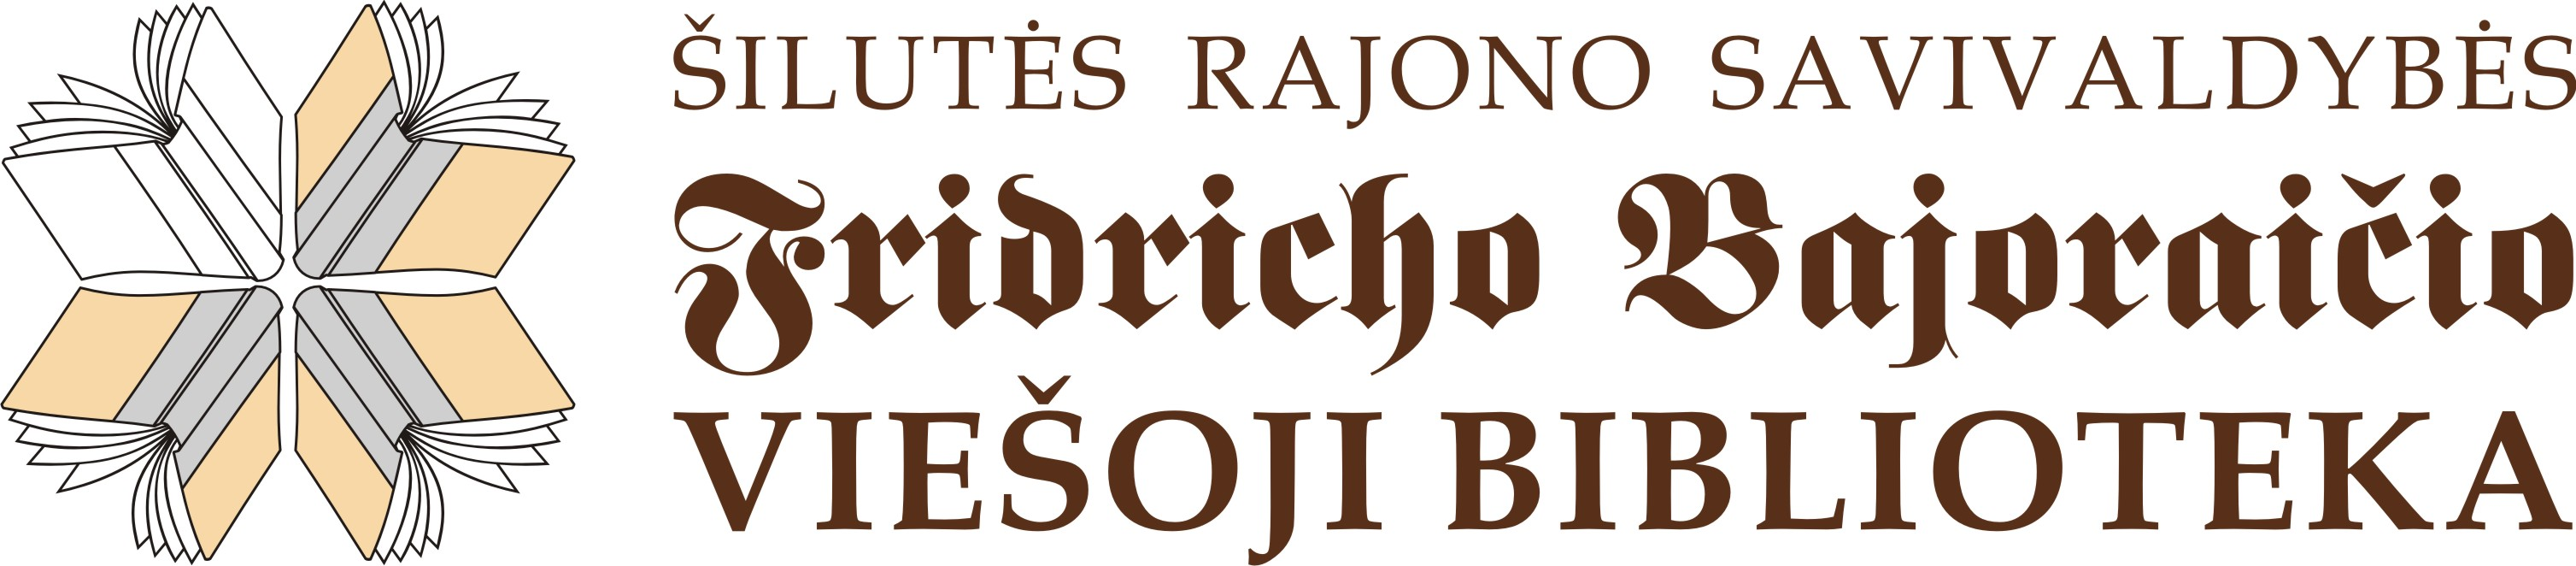 silutes biblioteka logo